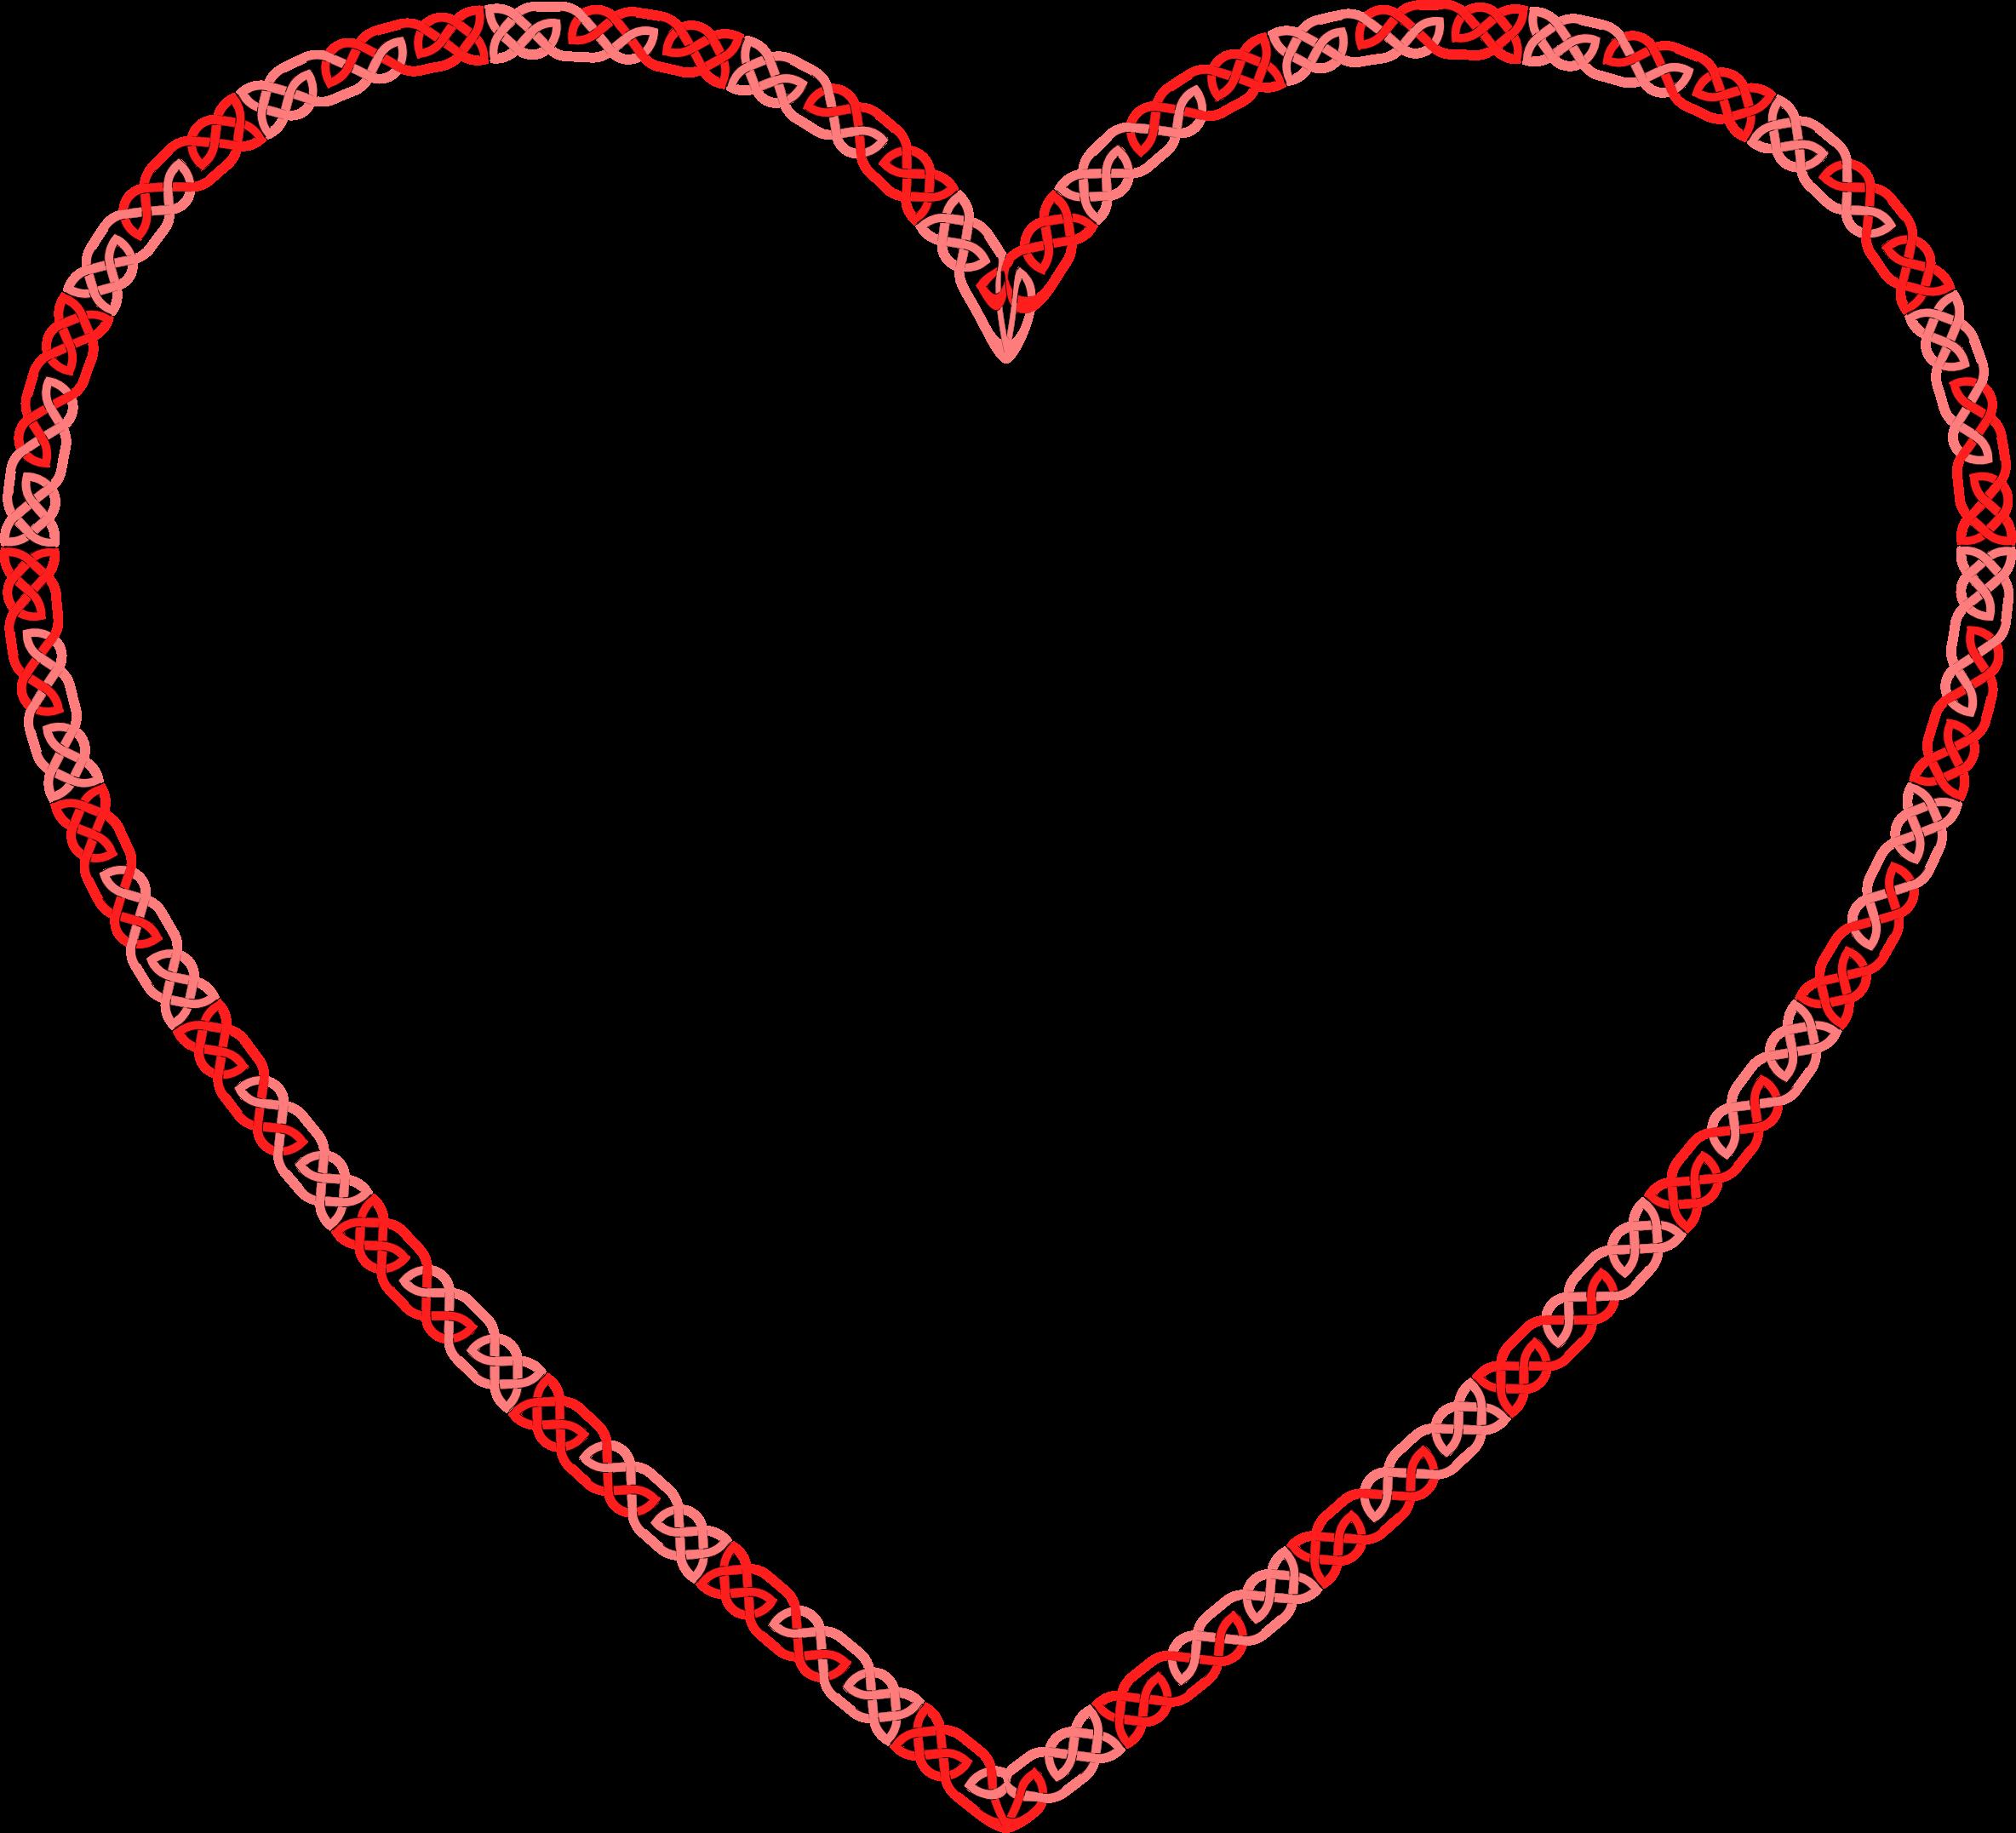 Celtic heart clipart picture transparent library Clipart - Celtic Knot Heart picture transparent library